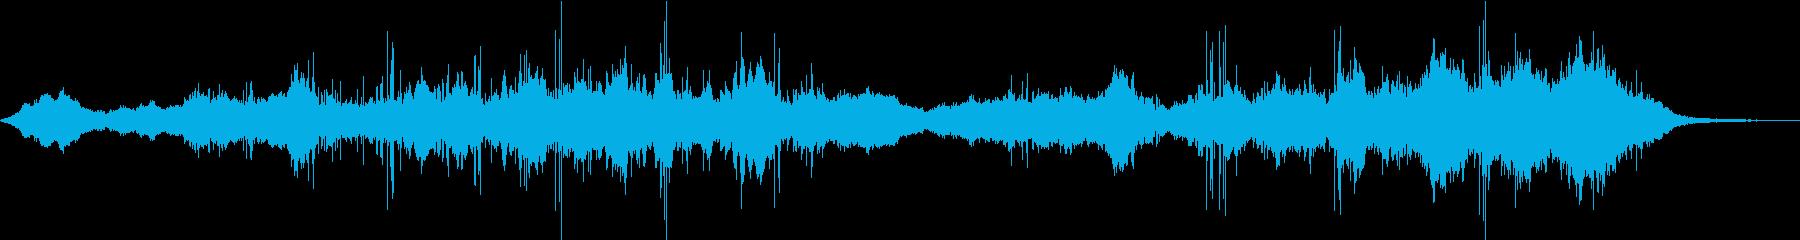 KANTアンビエントダークフィールトの再生済みの波形